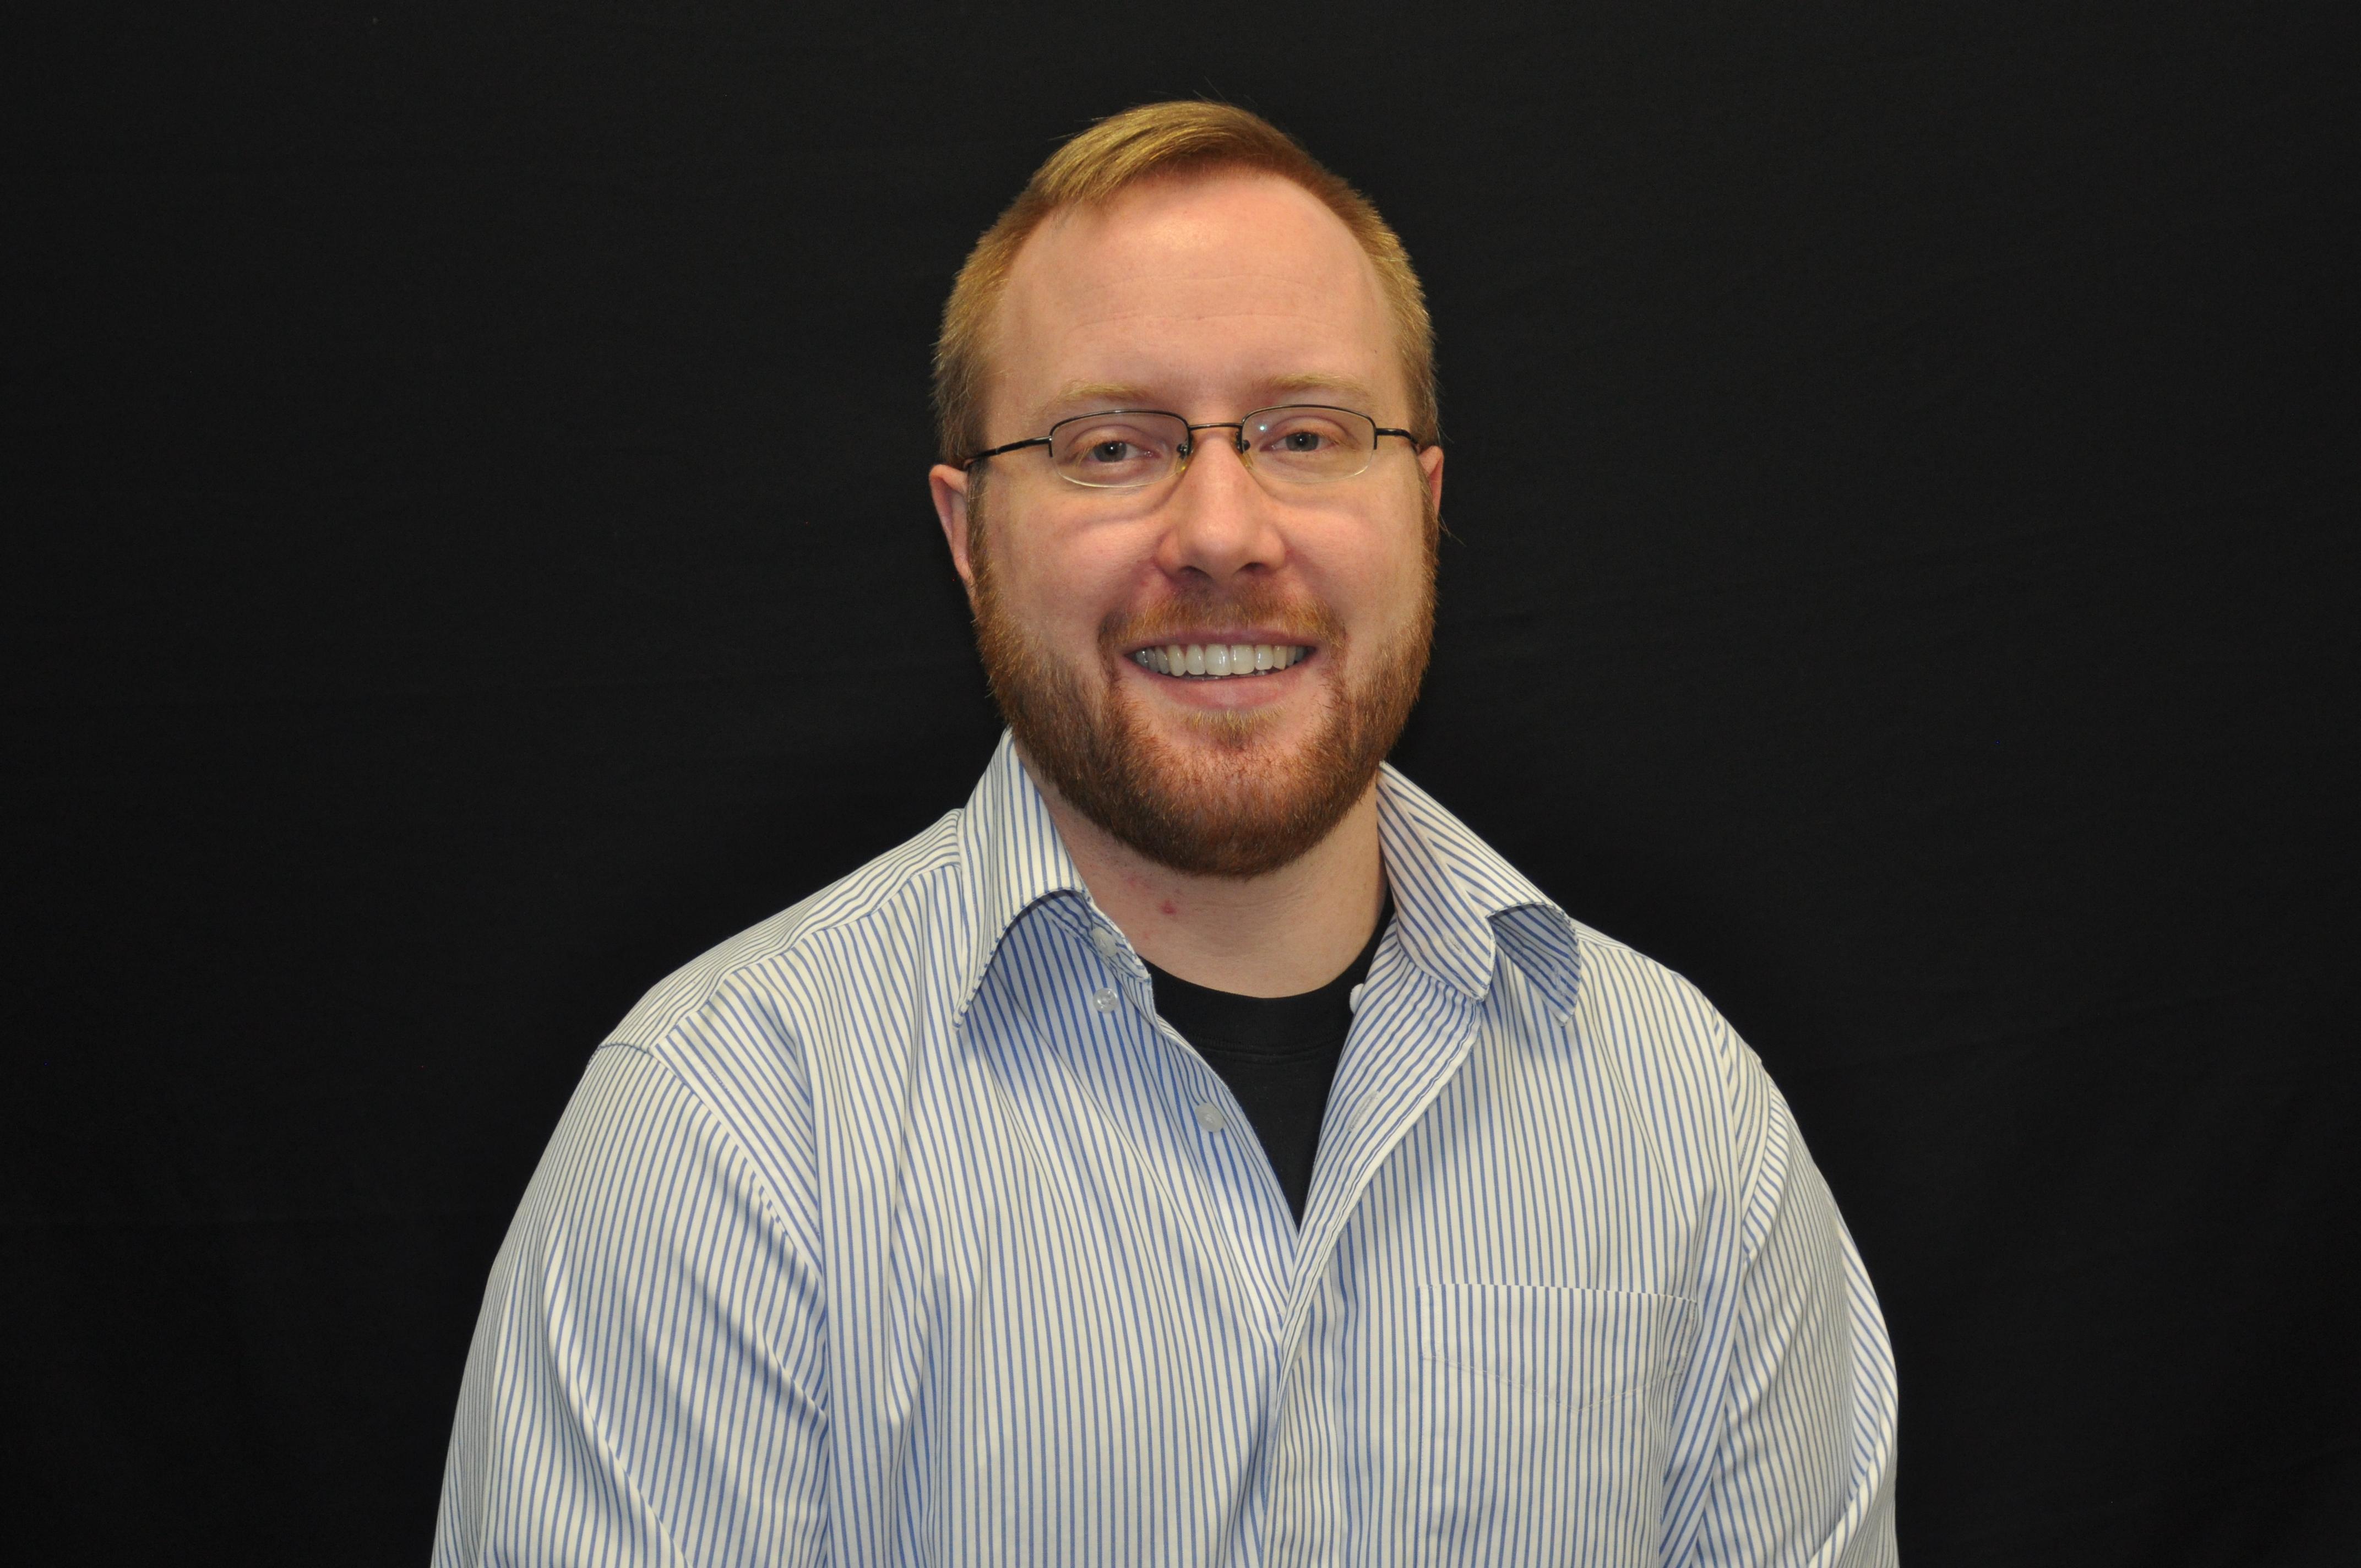 Dr. Sean O'Dell